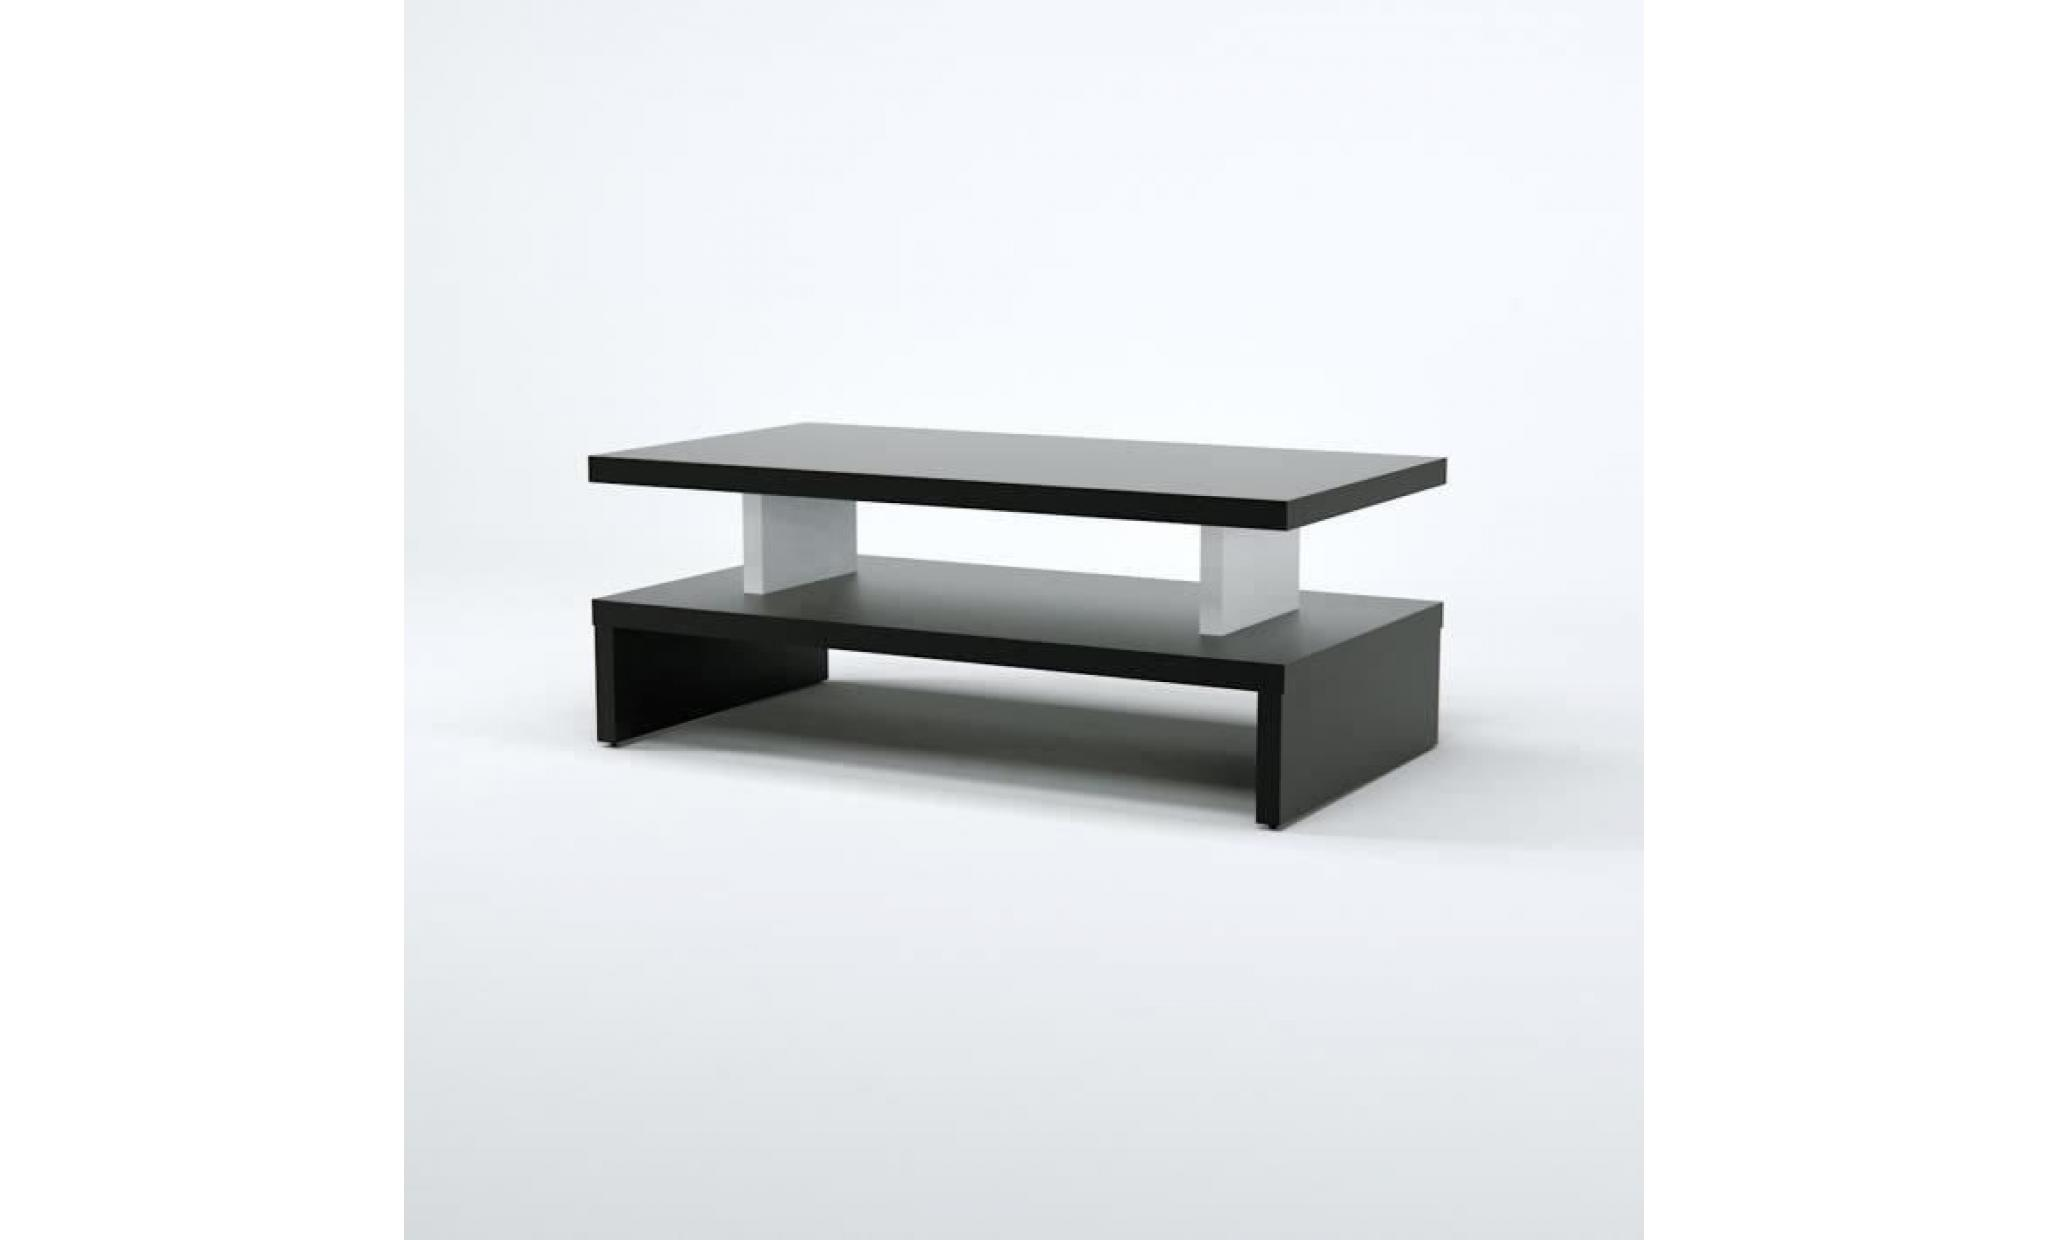 97 Noir Cm L After Contemporain Satiné Basse 51 Style Table X wvnN80m